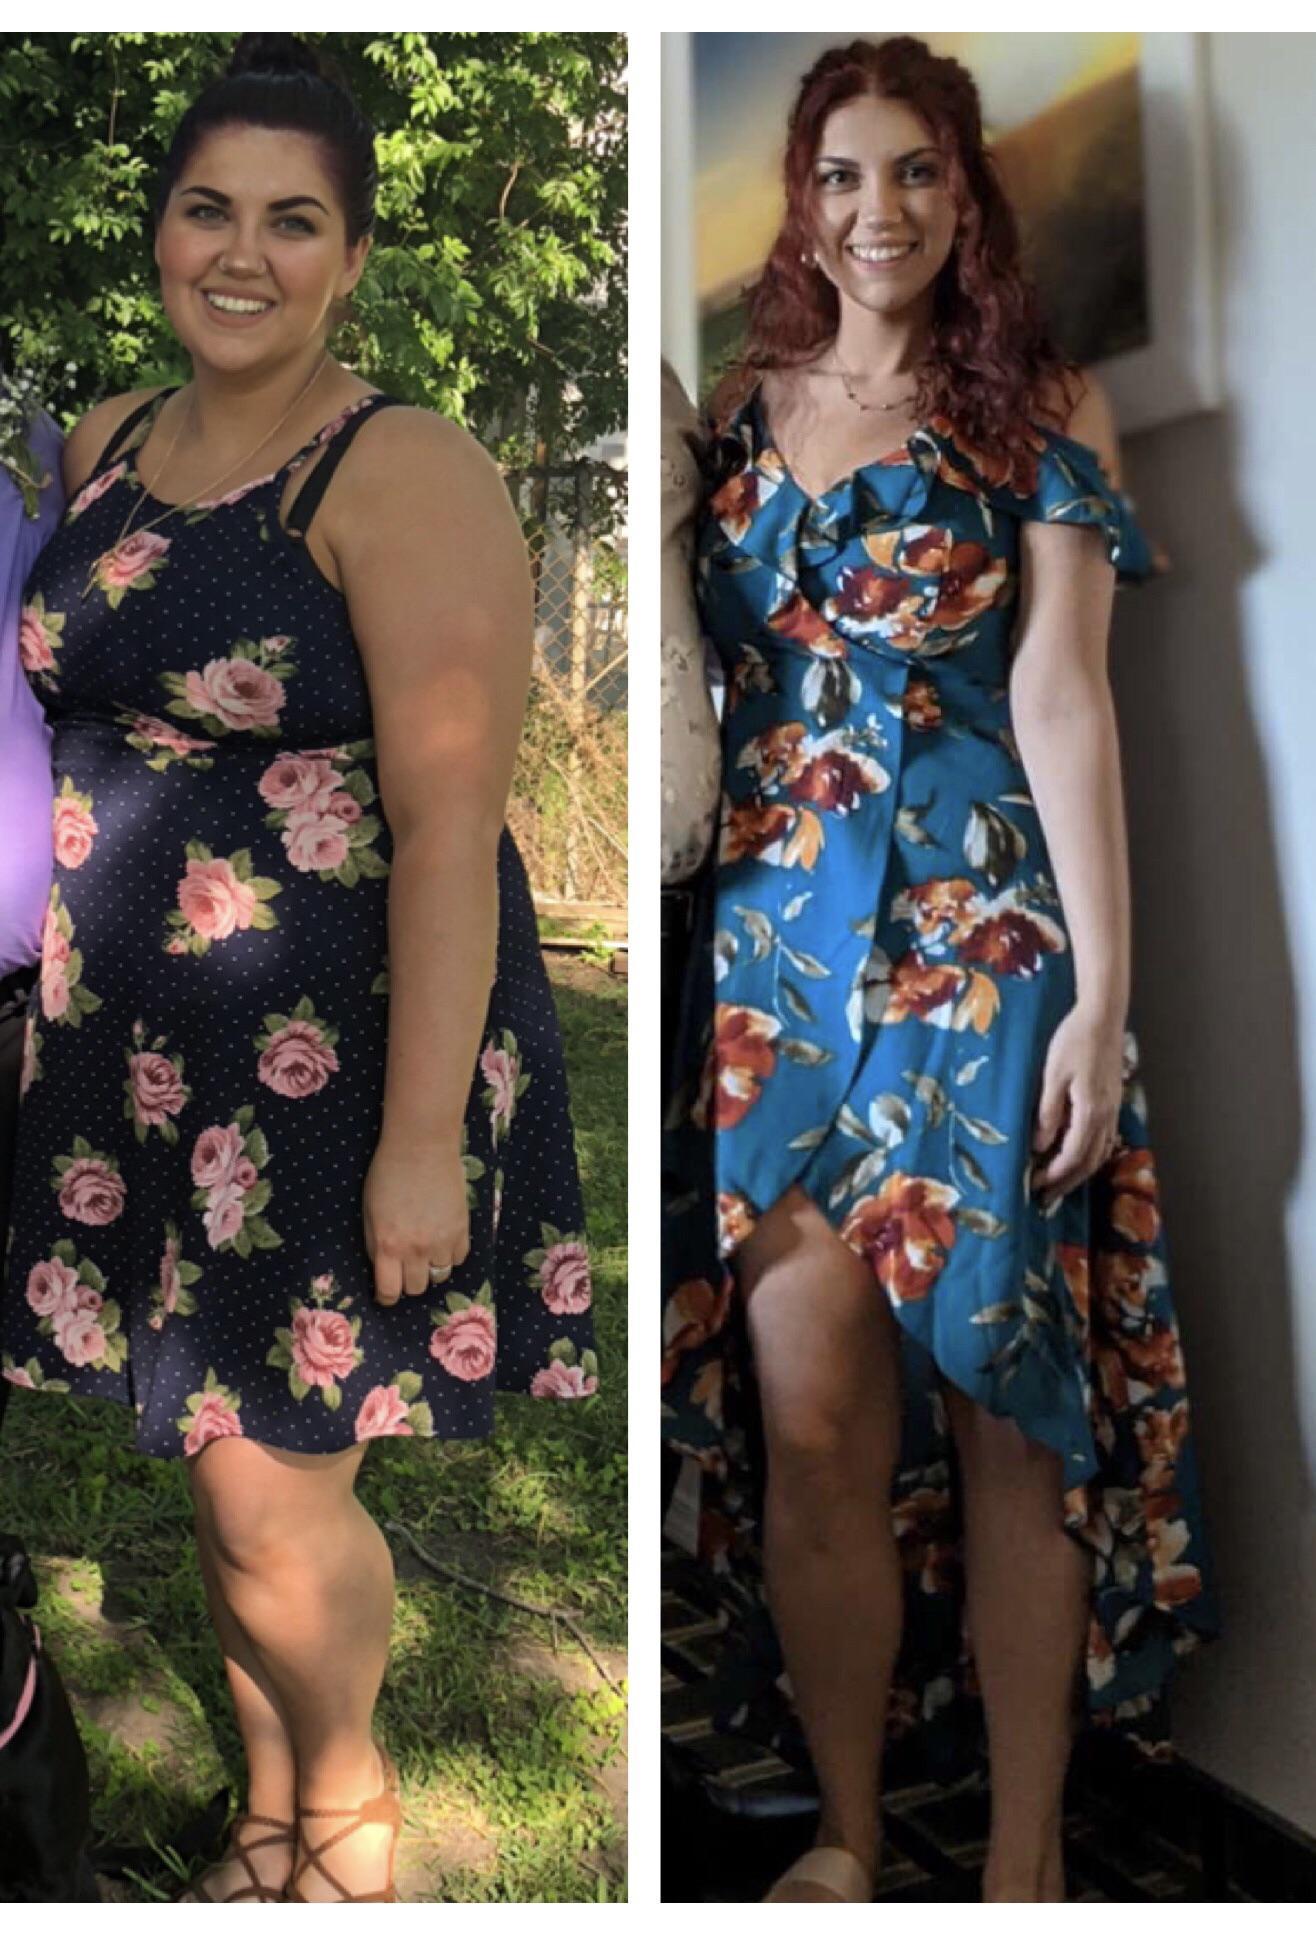 Progress Pics of 59 lbs Fat Loss 5'4 Female 200 lbs to 141 lbs